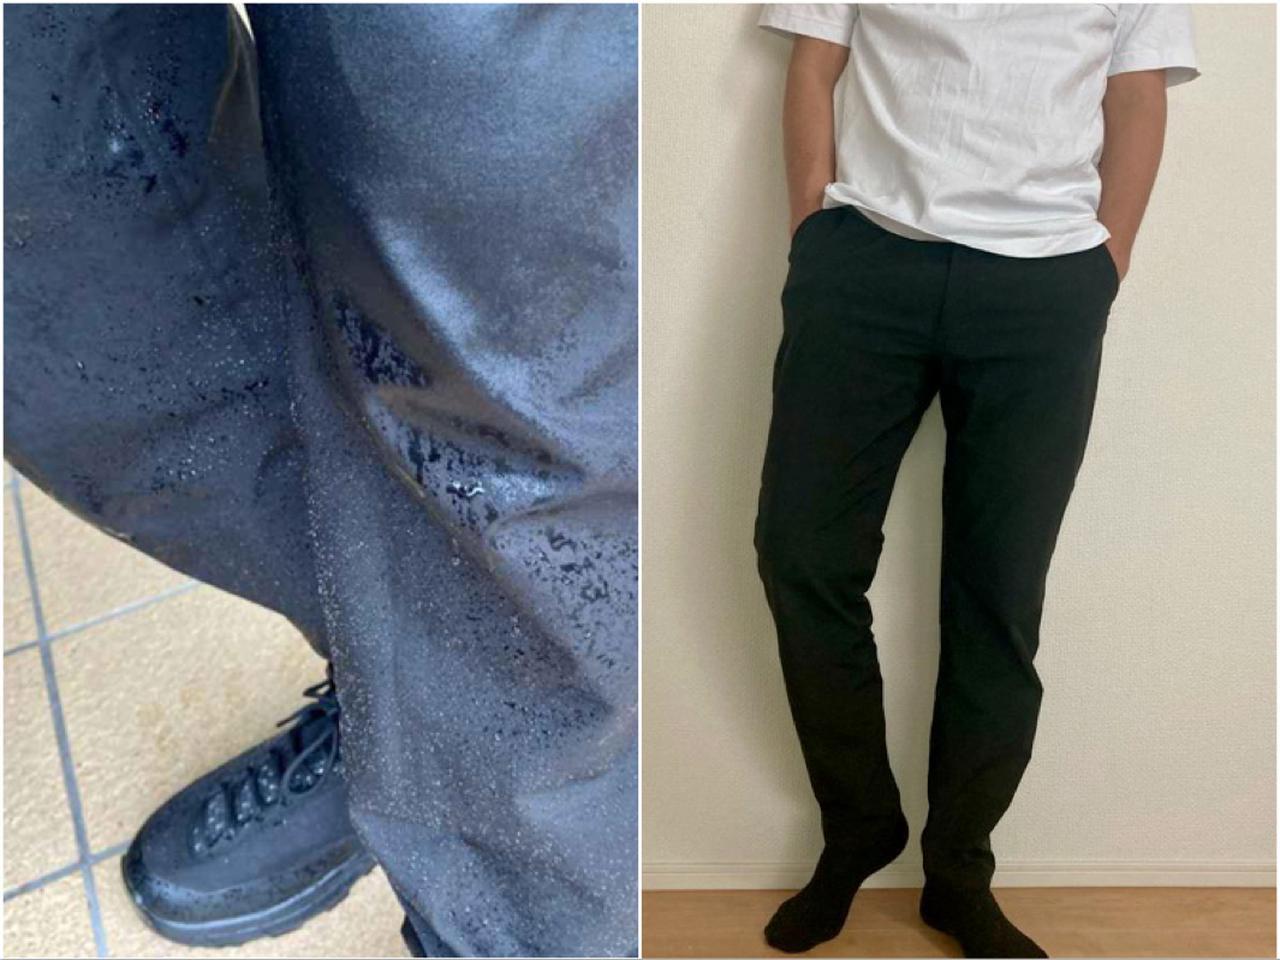 画像: 【ワークマンの防水パンツ】直履き可能! レインウェアにも使える全天候型パンツを徹底レビュー - ハピキャン キャンプ・アウトドア情報メディア